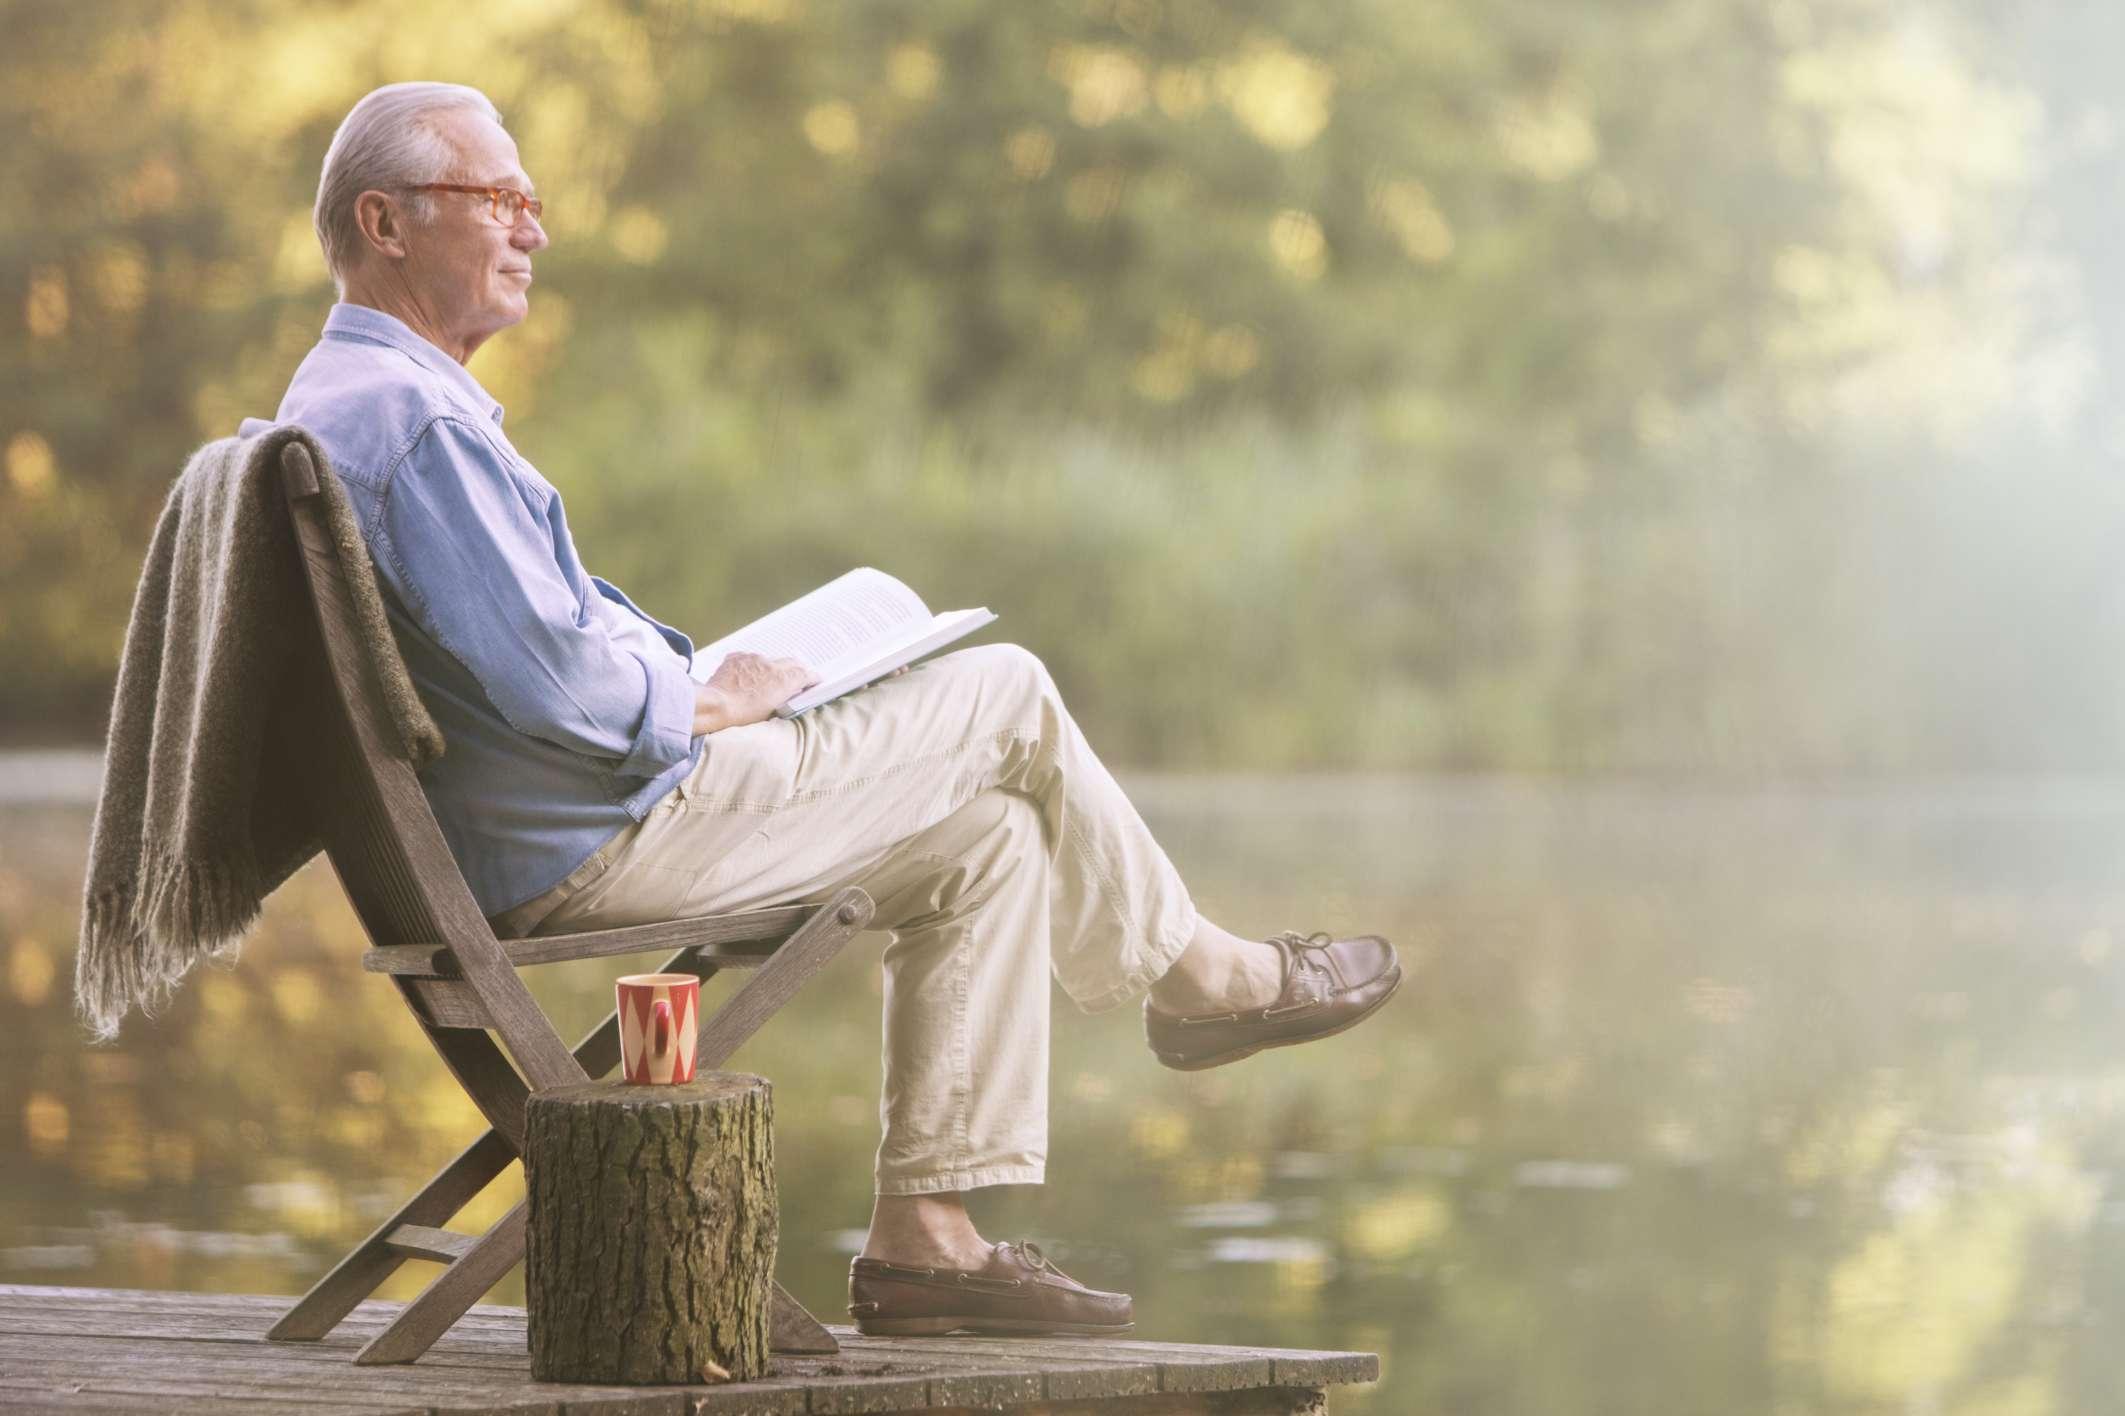 Man reading book on dock at lake